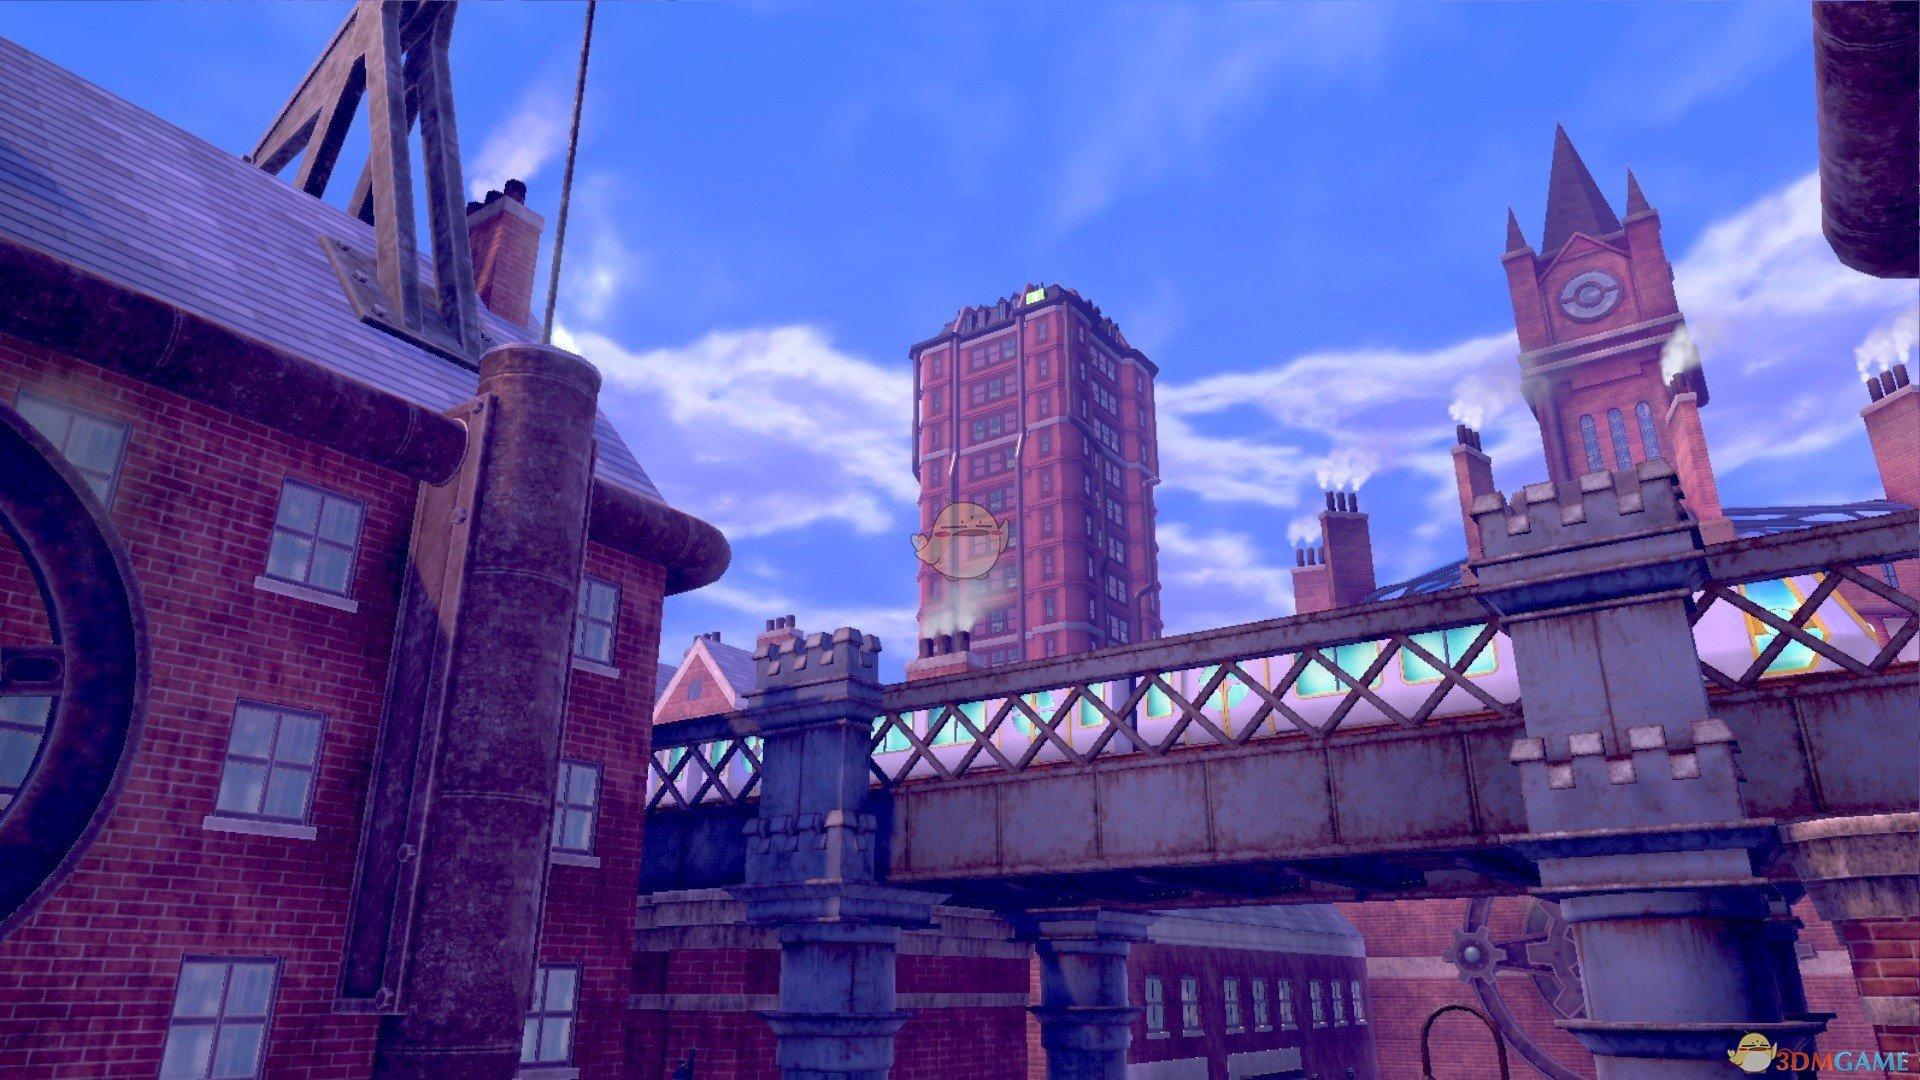 《宝可梦:剑/盾》强力野生宝可梦推荐